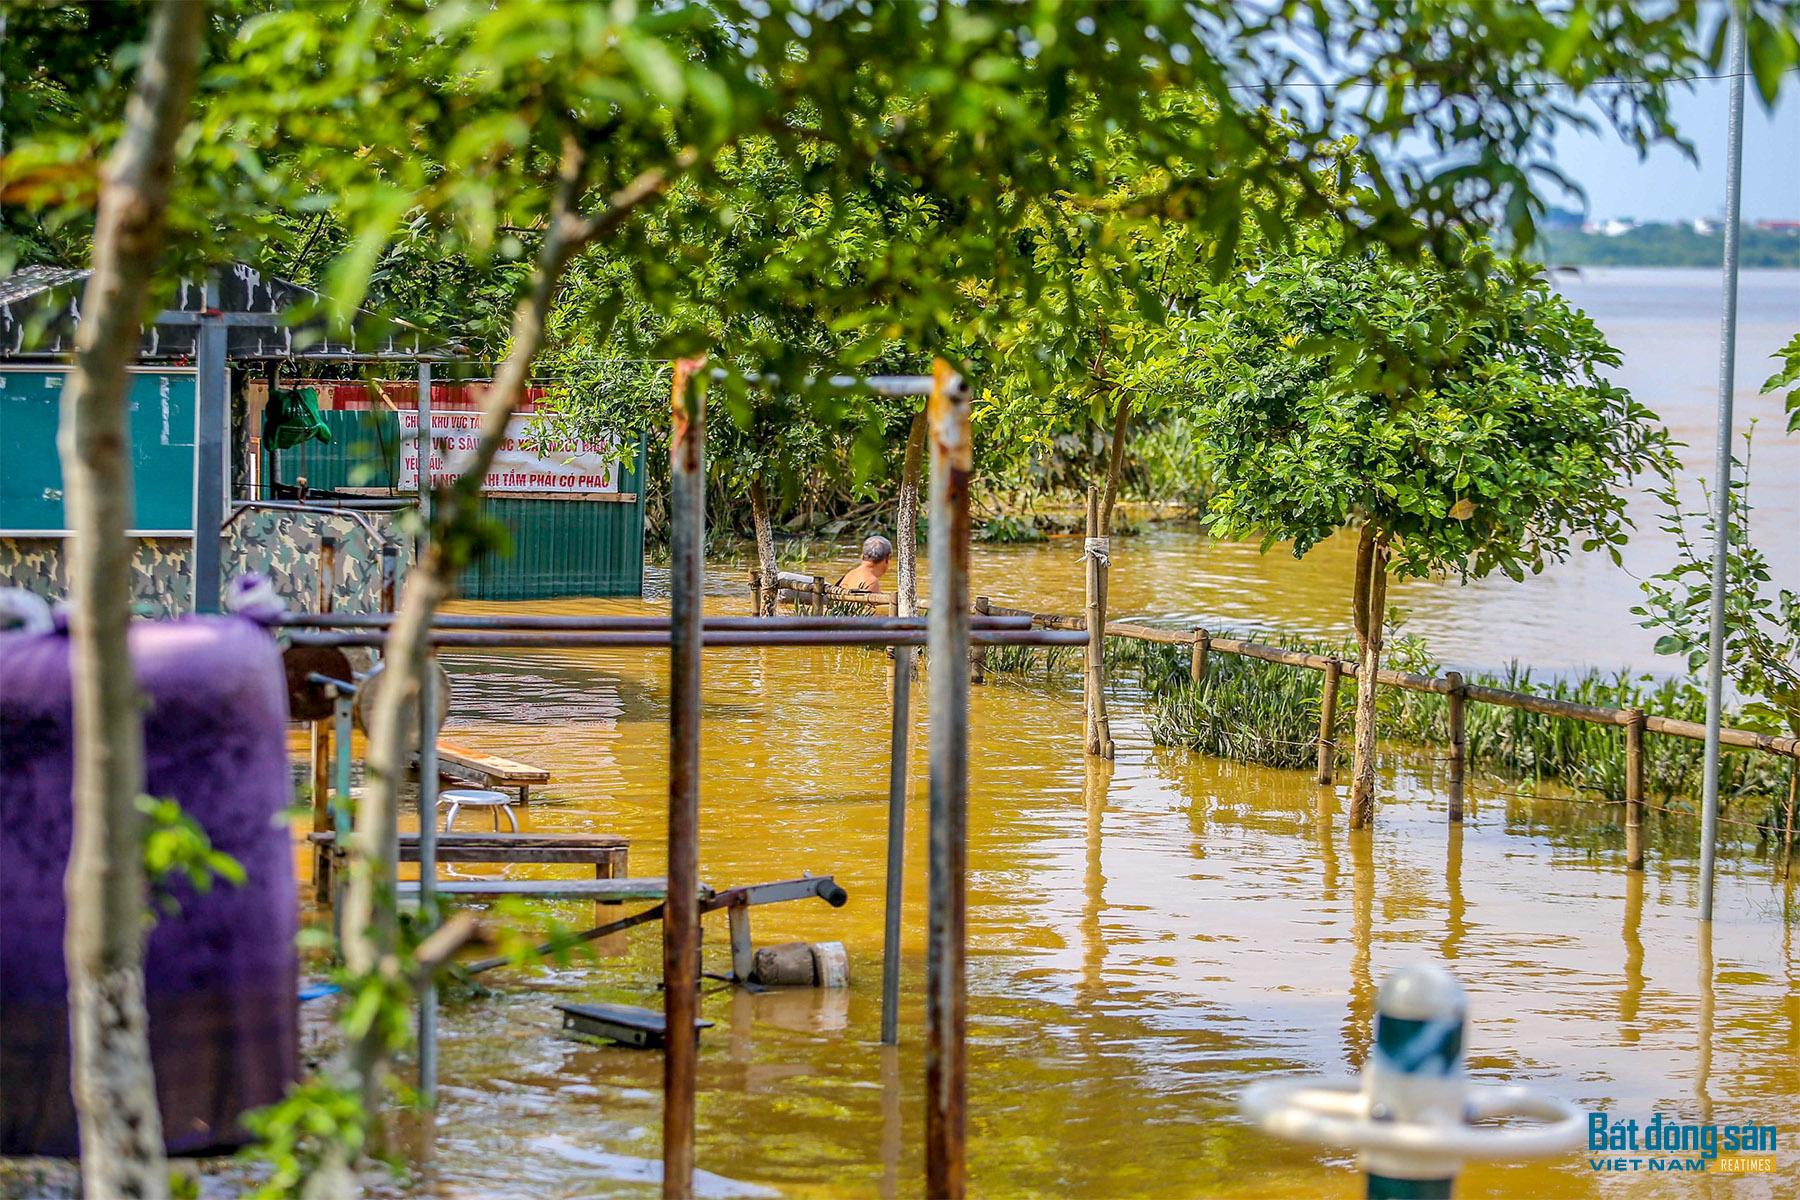 Người dân vẫn vô tư tắm sông Hồng khi nước đang dâng cao